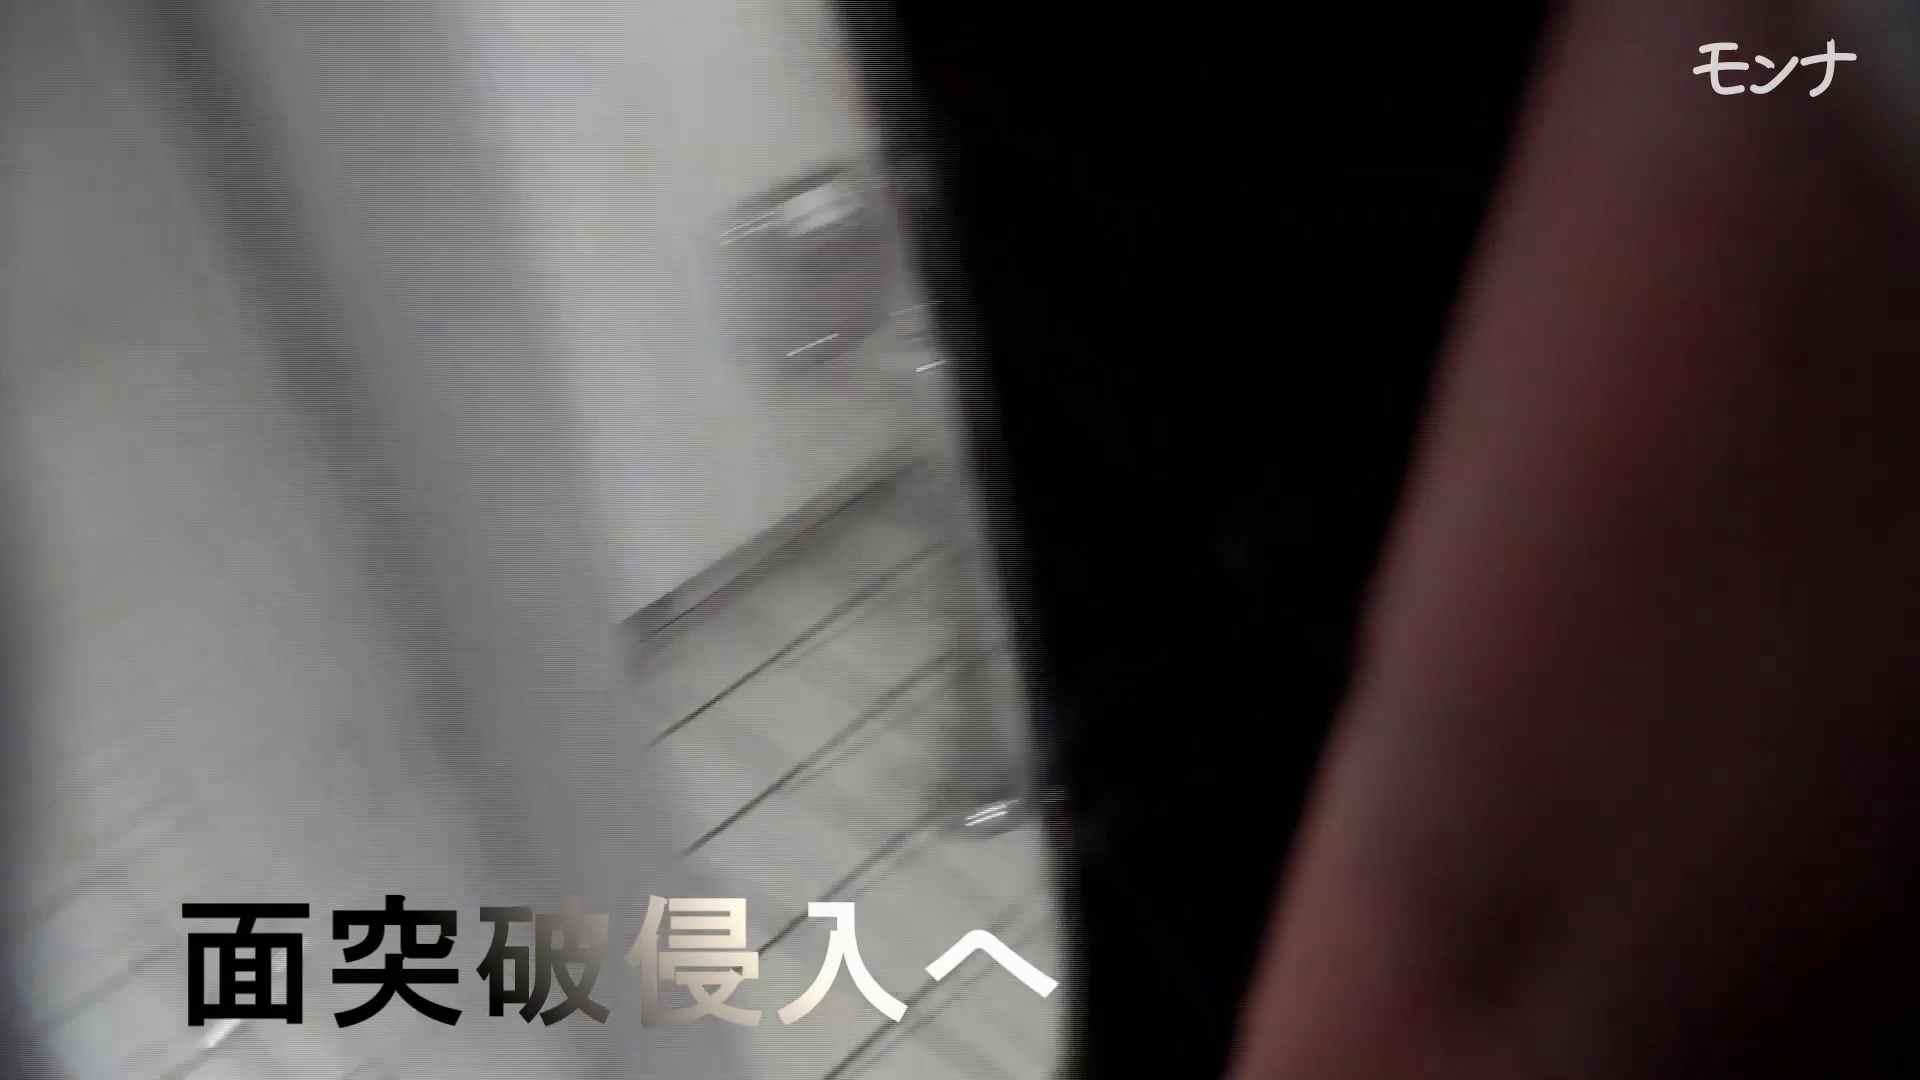 美しい日本の未来 No.50 強硬突入、友達同士同時に撮れるのか? 美肌  95PIX 29